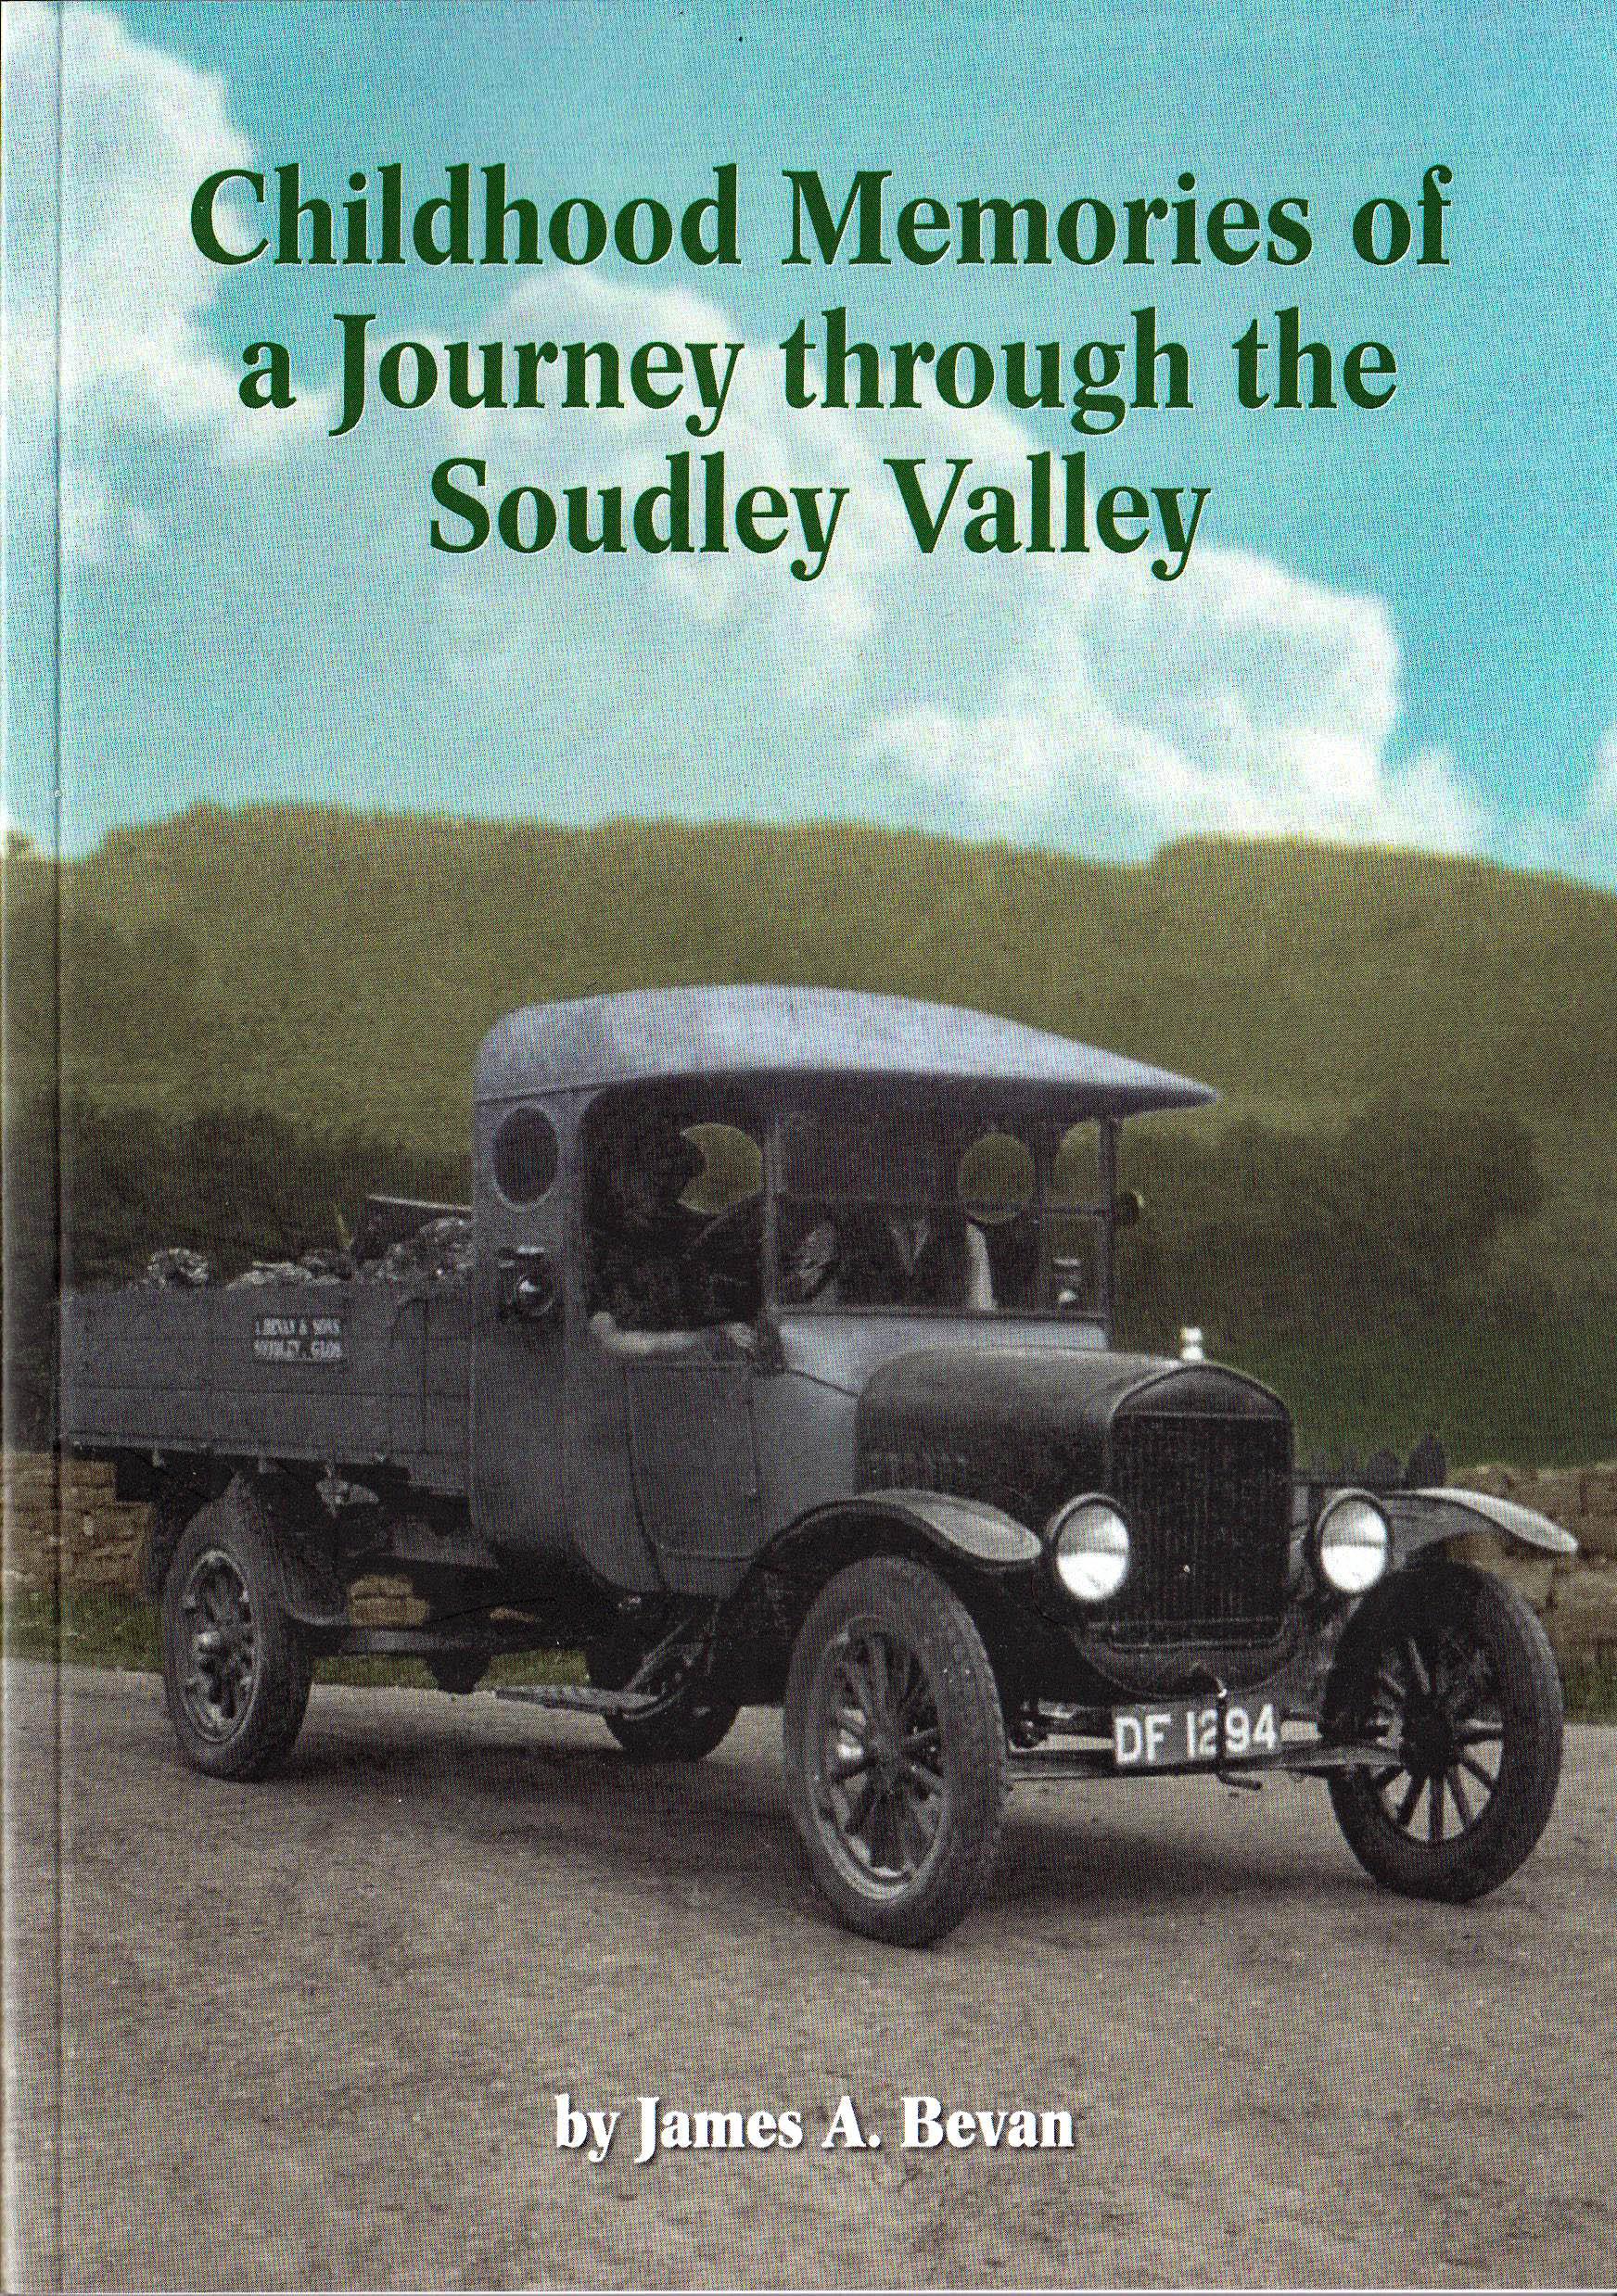 Bevan Book cover.jpg